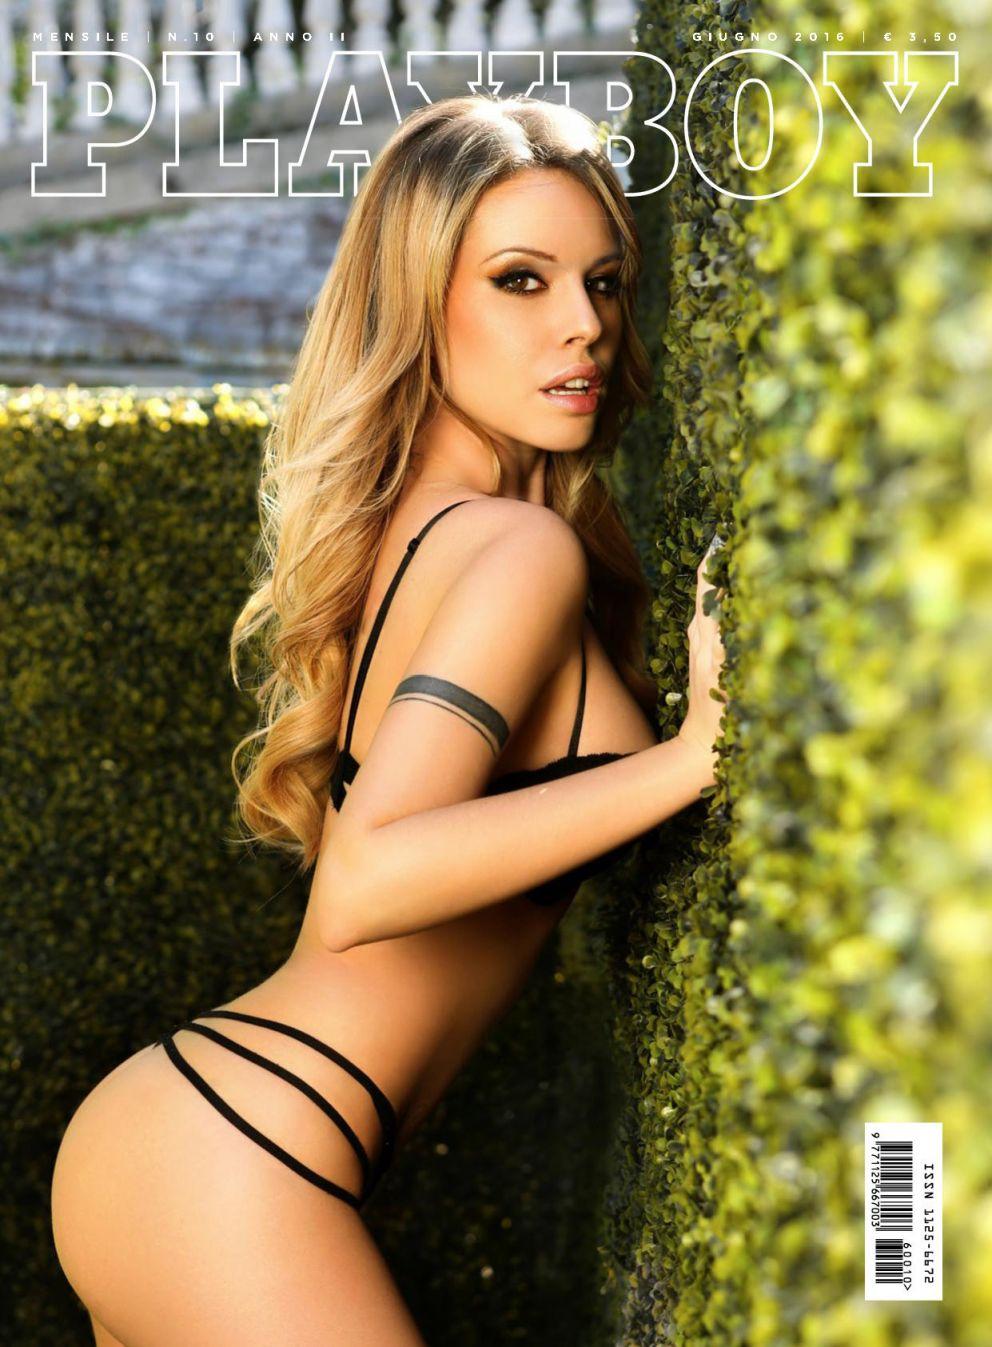 Francesca Bet Naked Pics